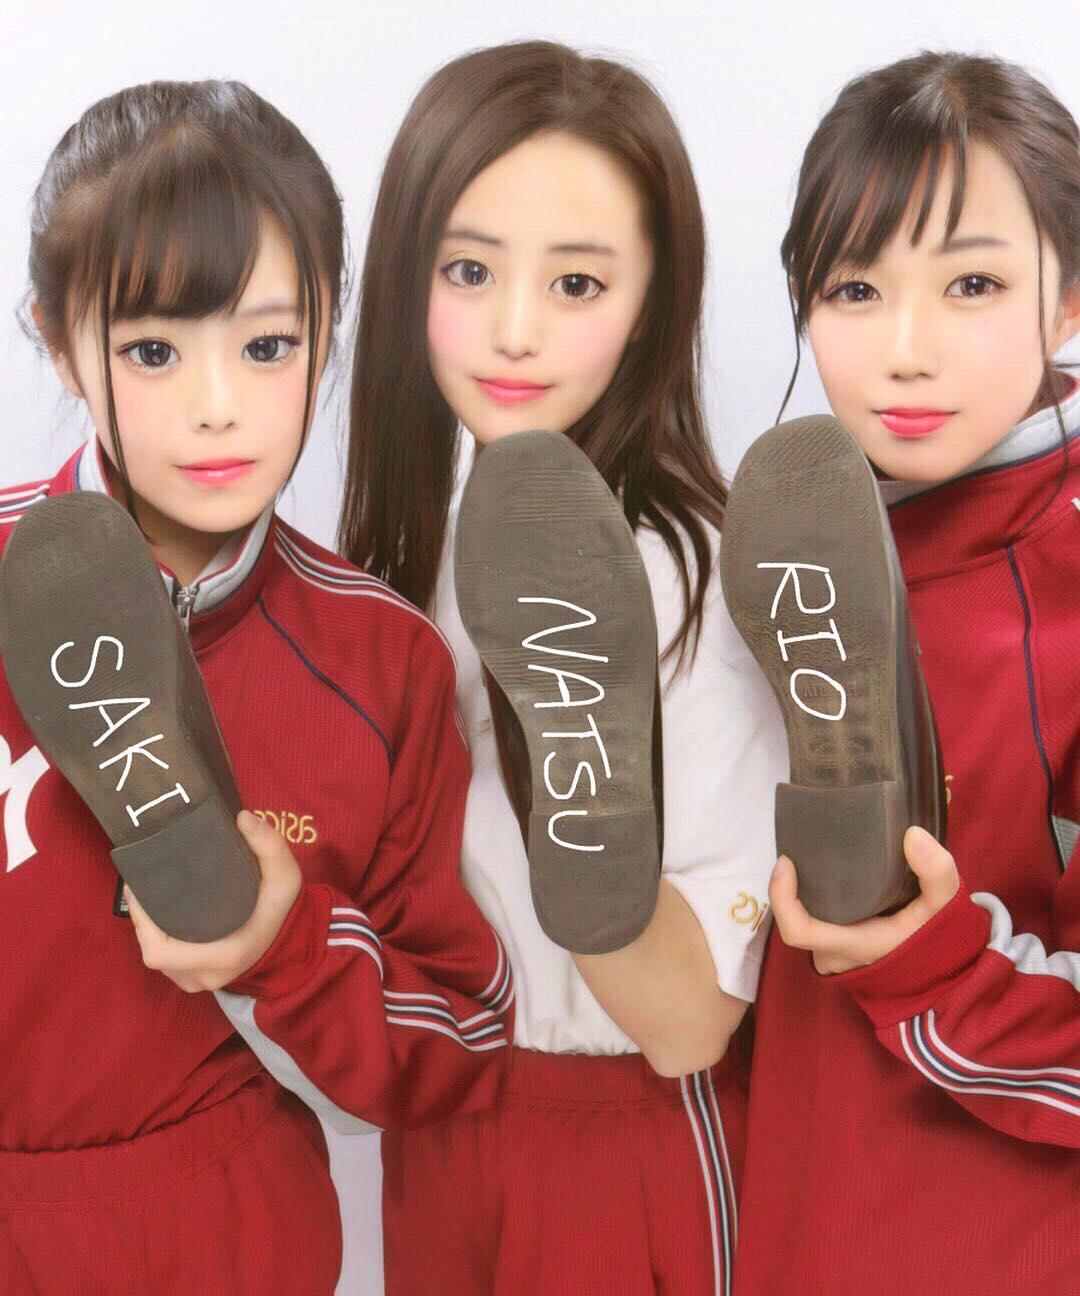 女子高生の靴の匂いが好きなやつwwww履き込んで臭くなったJKの靴画像うpするwwwww 1812271615586472